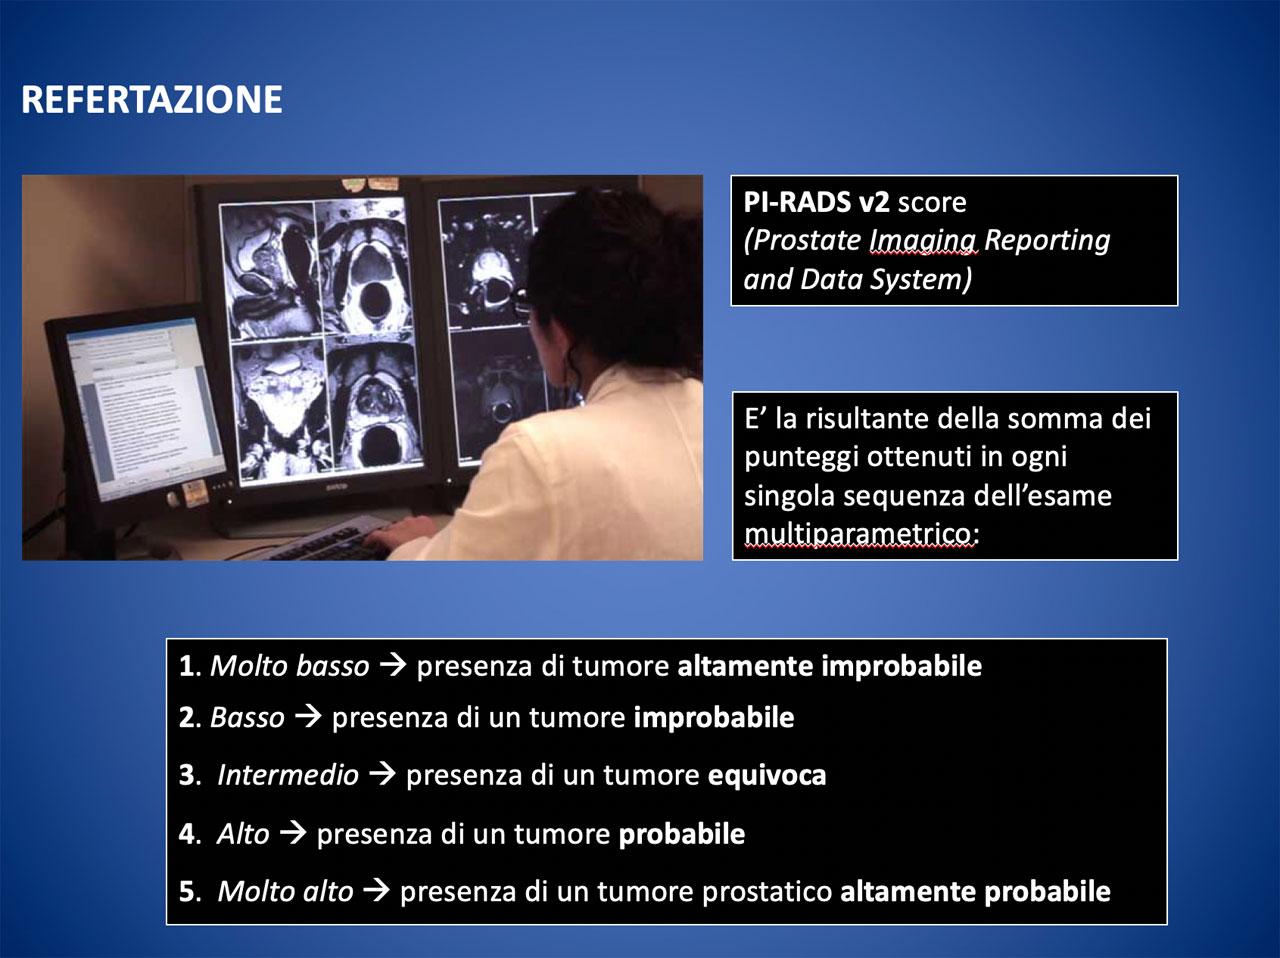 Diagnosi carcinoma prostatico attraverso risonanza magnetica